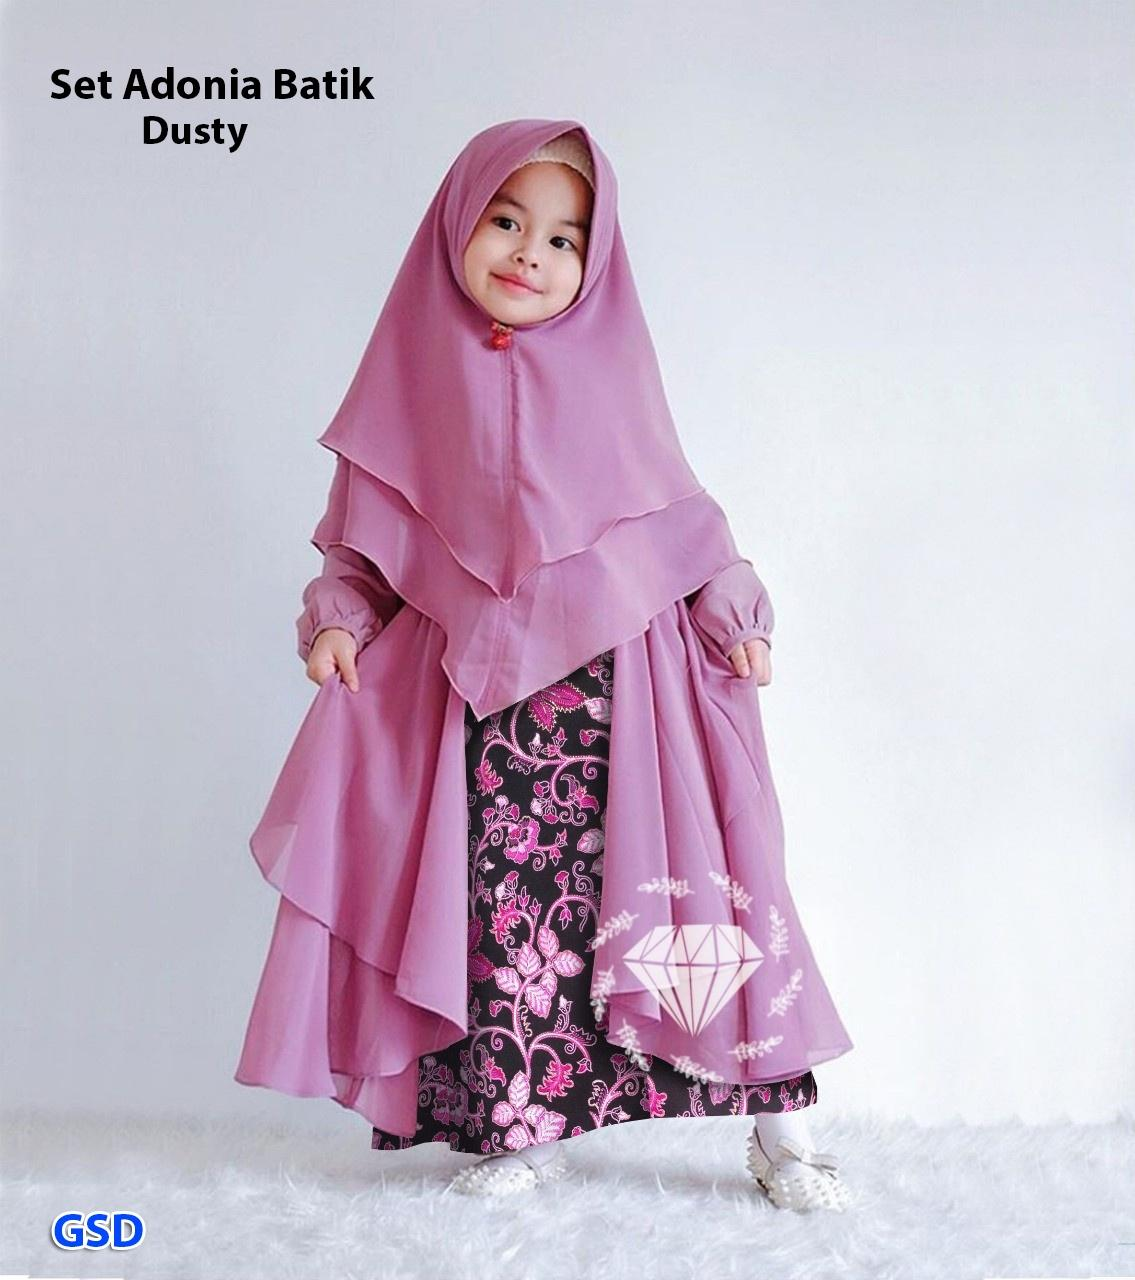 Gsd - Baju Muslim Anak / Baju Anak Perempuan / Gamis Anak-Anak - Syari Adonia Batik Kids By Toko Grosir Dress.